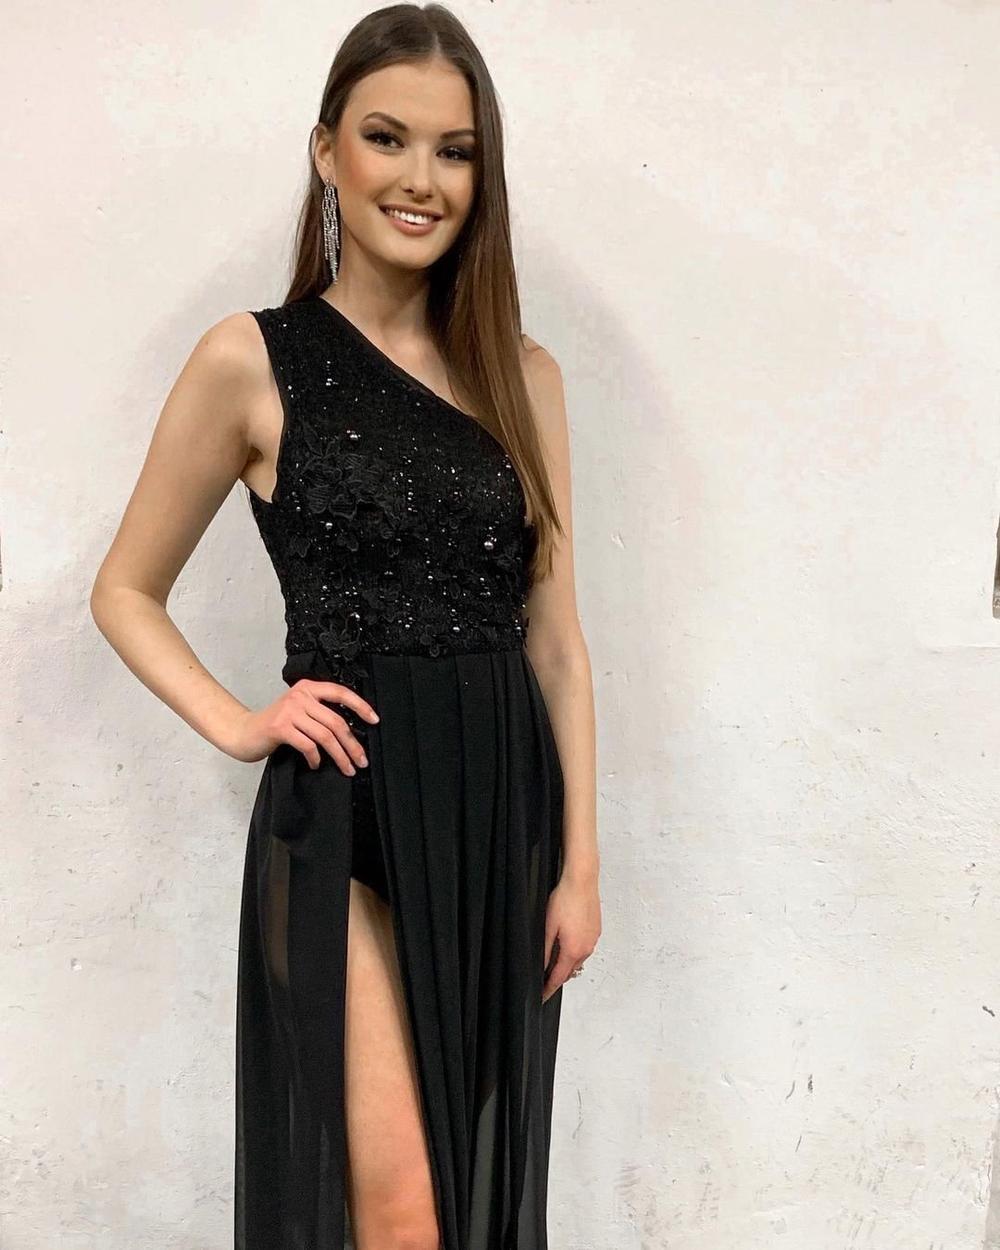 Miss Earth Water 2019 đại diện Cộng Hòa Séc tại Miss Universe: Khánh Vân thêm một đối thủ 'sừng sỏ' Ảnh 2